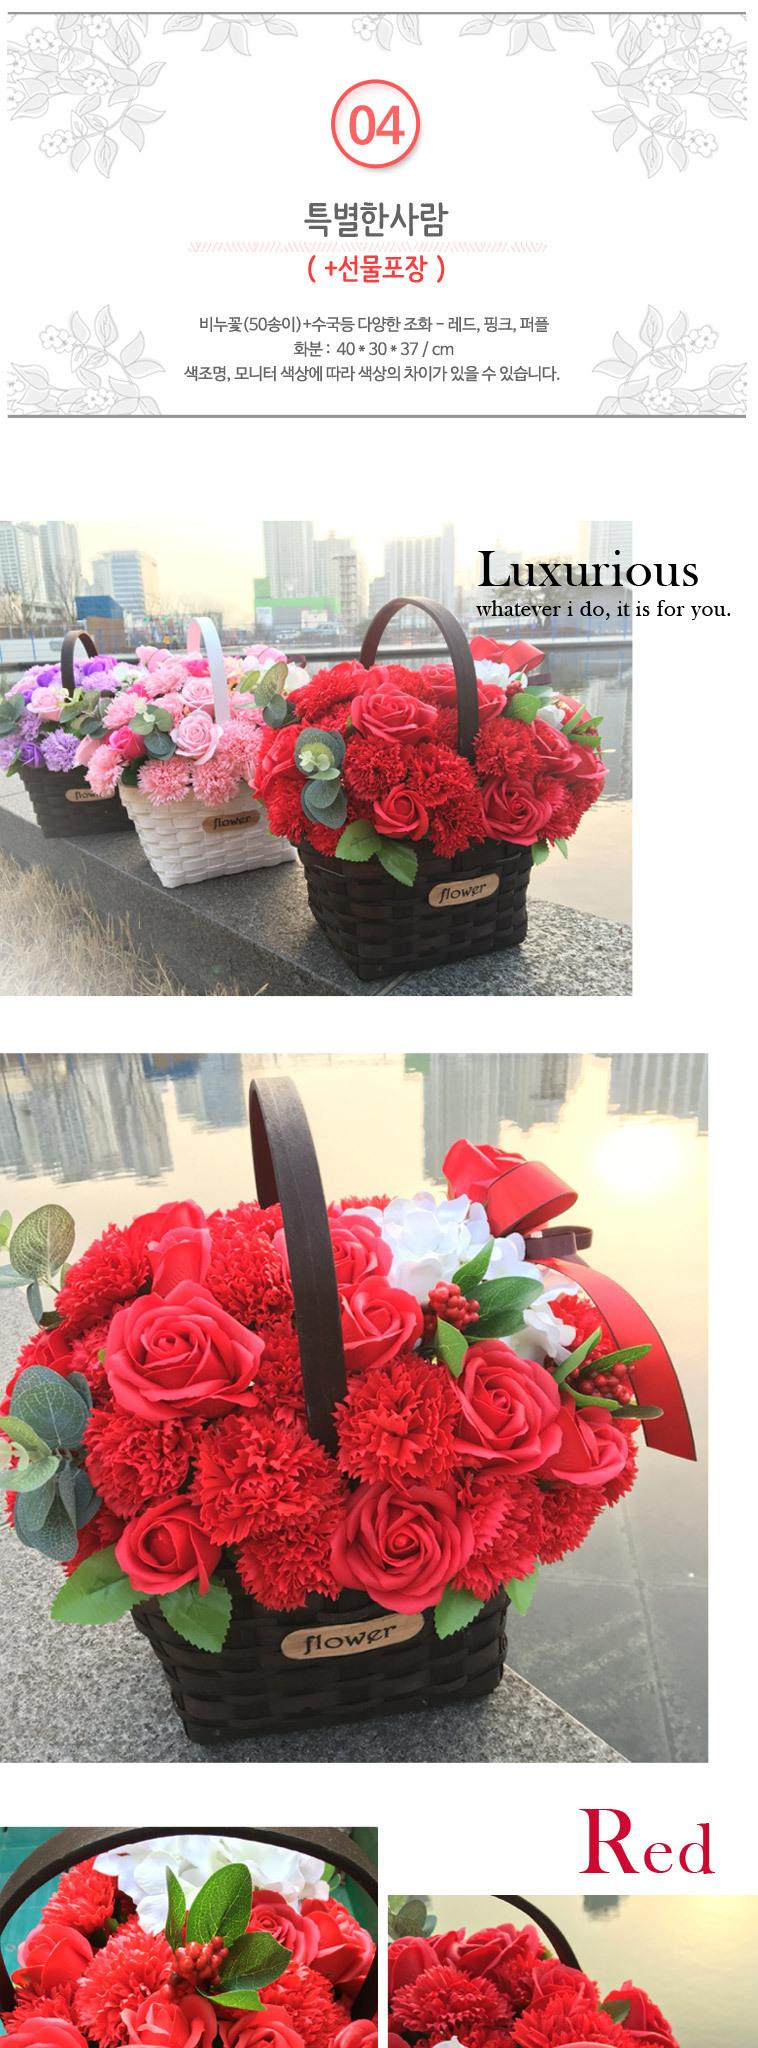 비누꽃 한송이, 꽃다발, 꽃바구니 - 상세정보